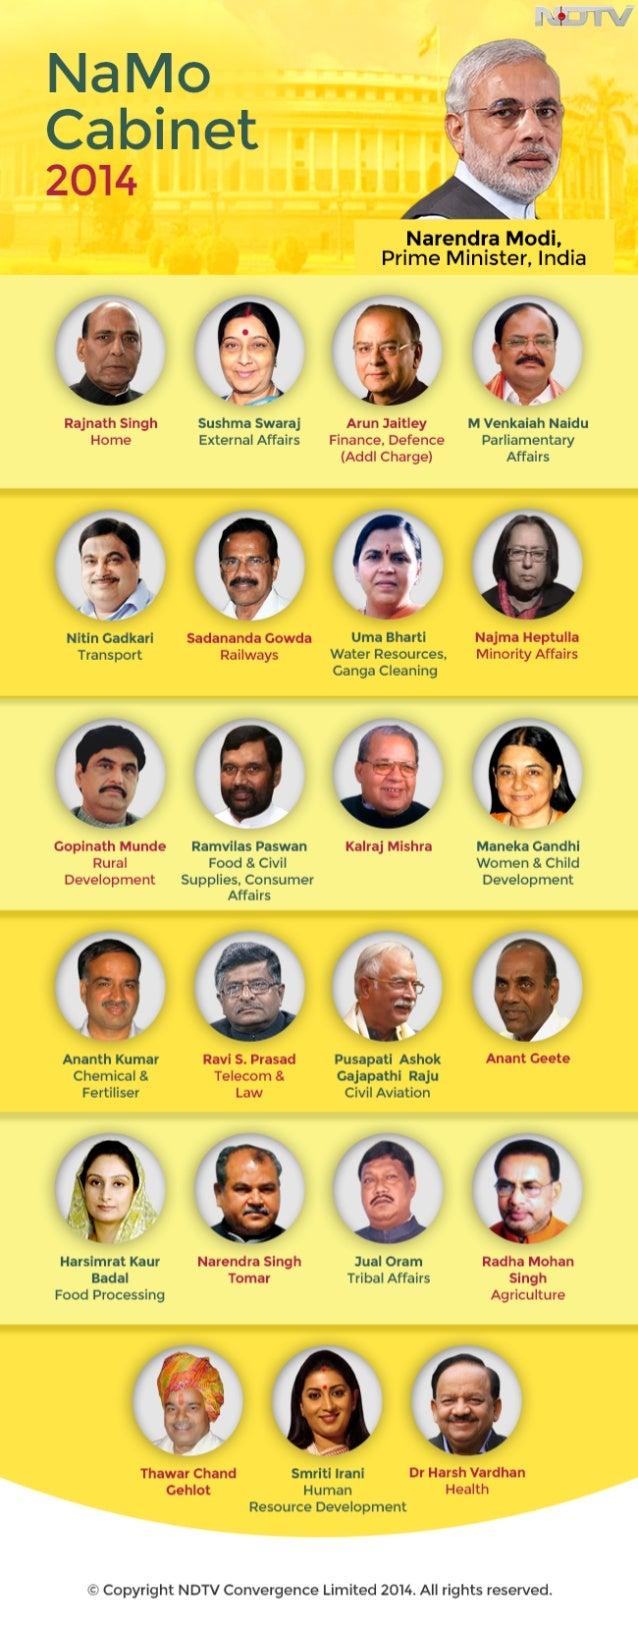 Narender Modi's Cabinet 2014